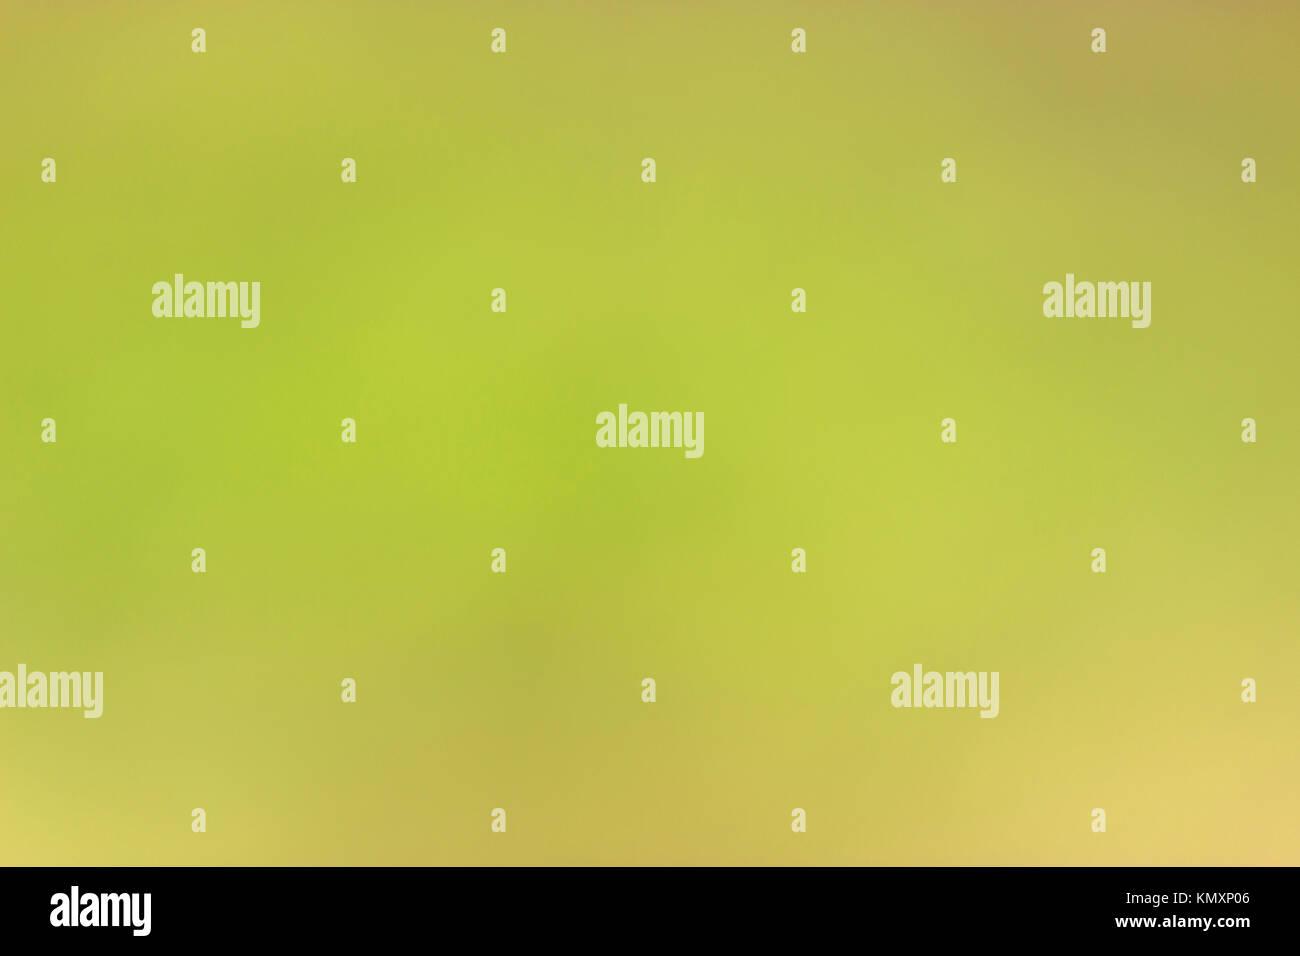 Grunge Gradient Background In Green Stock Photos & Grunge Gradient ...